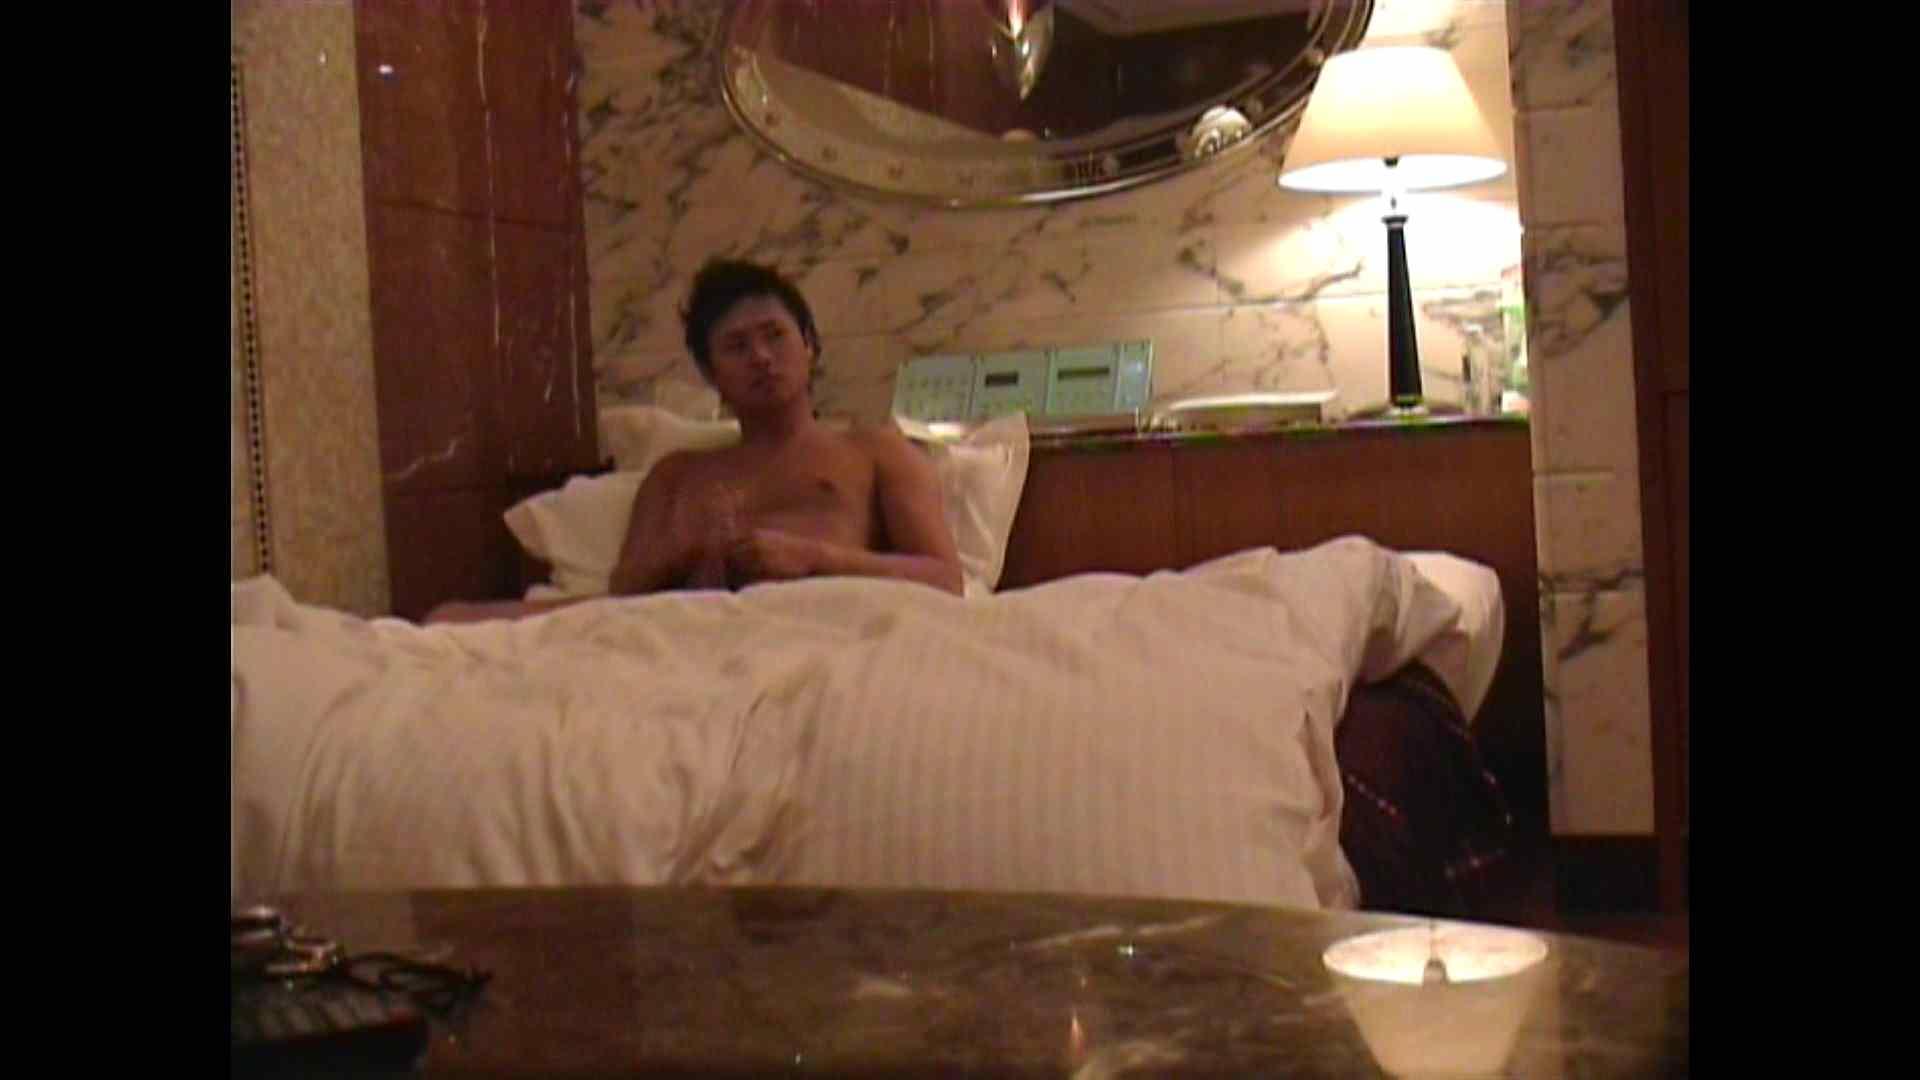 オナ好き五郎さん投稿!イケメン限定、オナニーでイク瞬間を撮影 その2 イケメンのゲイ達 Guyエロ画像 68枚 26